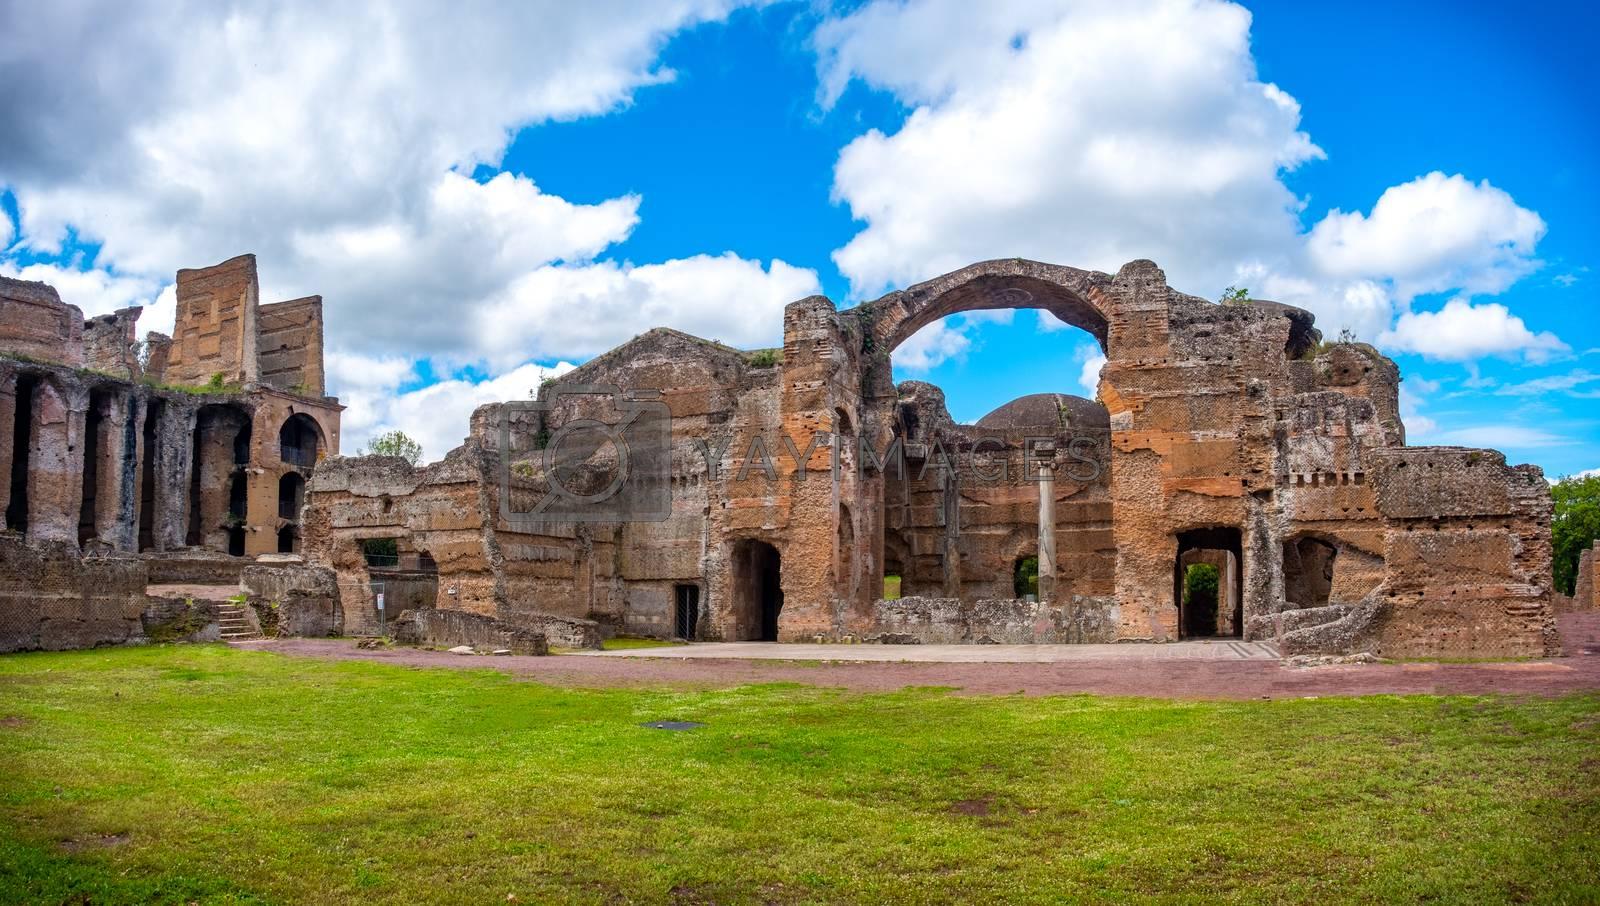 Grand Thermae or Grandi Terme area in Villa Adriana or Hadrians Villa archaeological site of UNESCO in Tivoli - Rome - Lazio - Italy .